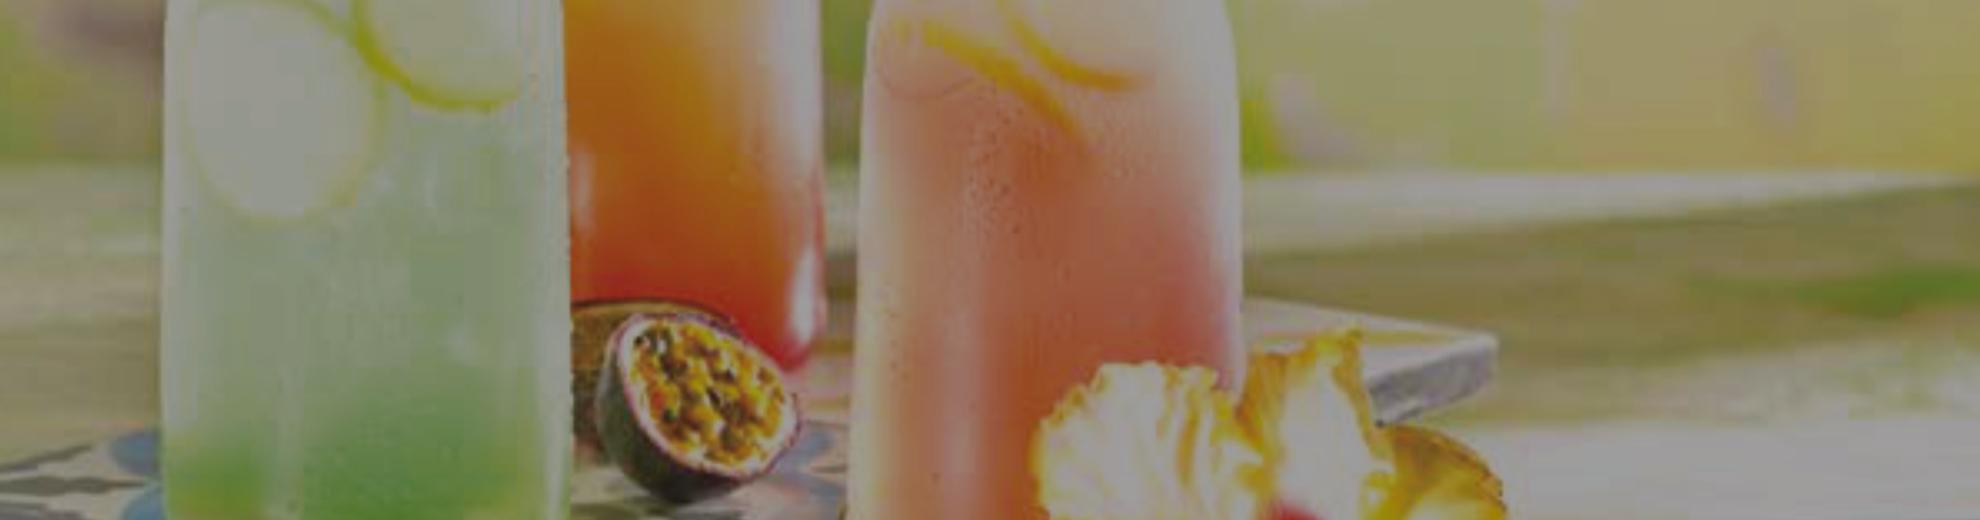 Designer Drink